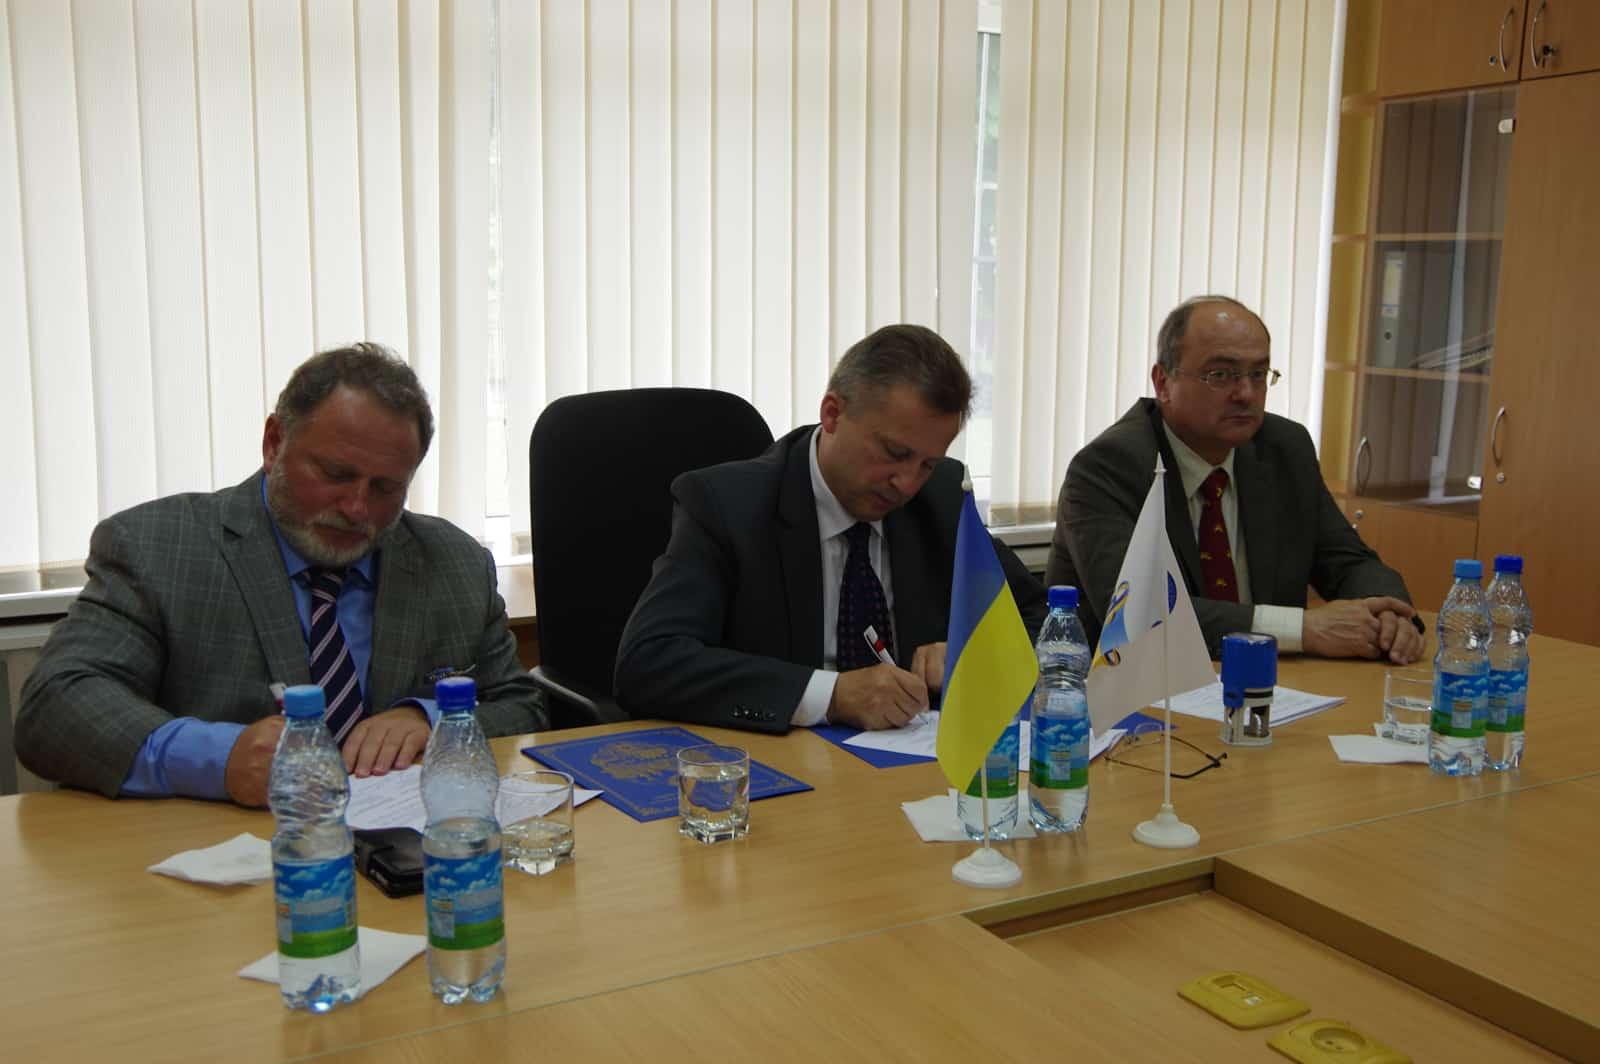 Новый партнер НУФВСУ - Киевский университет права Национальной академии наук Украины